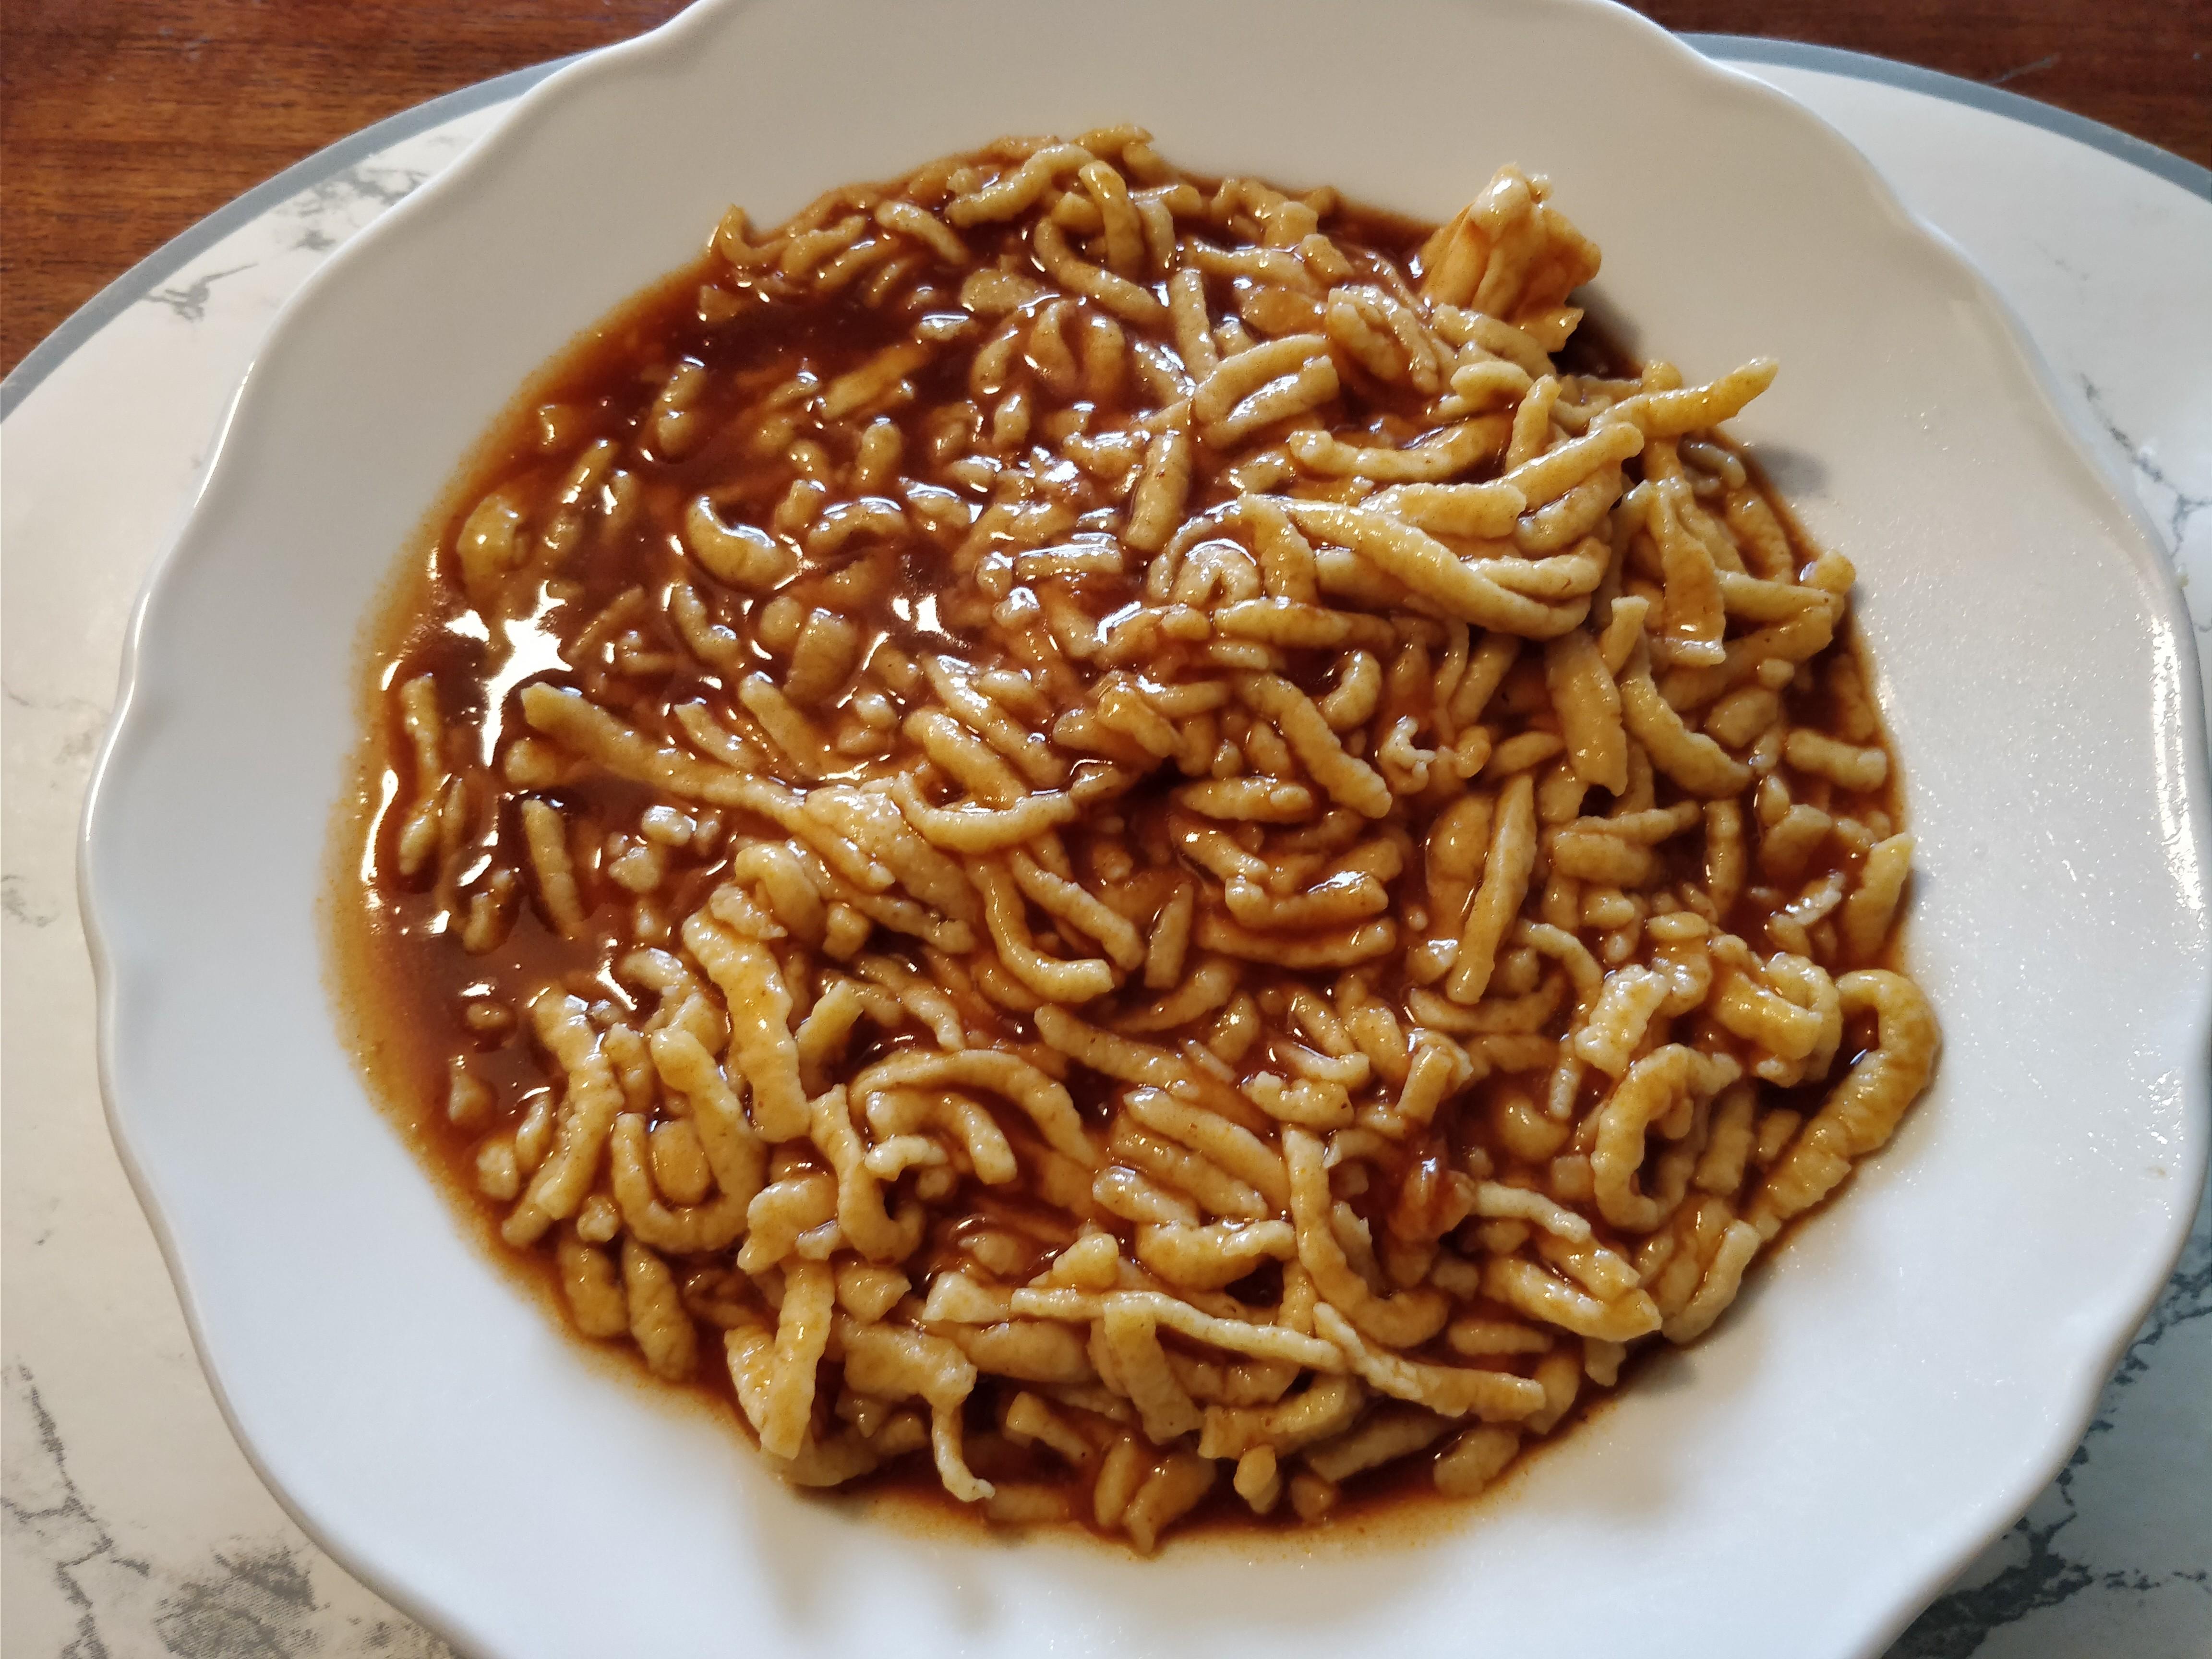 https://foodloader.net/nico_2017-11-17_spaetzle-mit-sauce.jpg